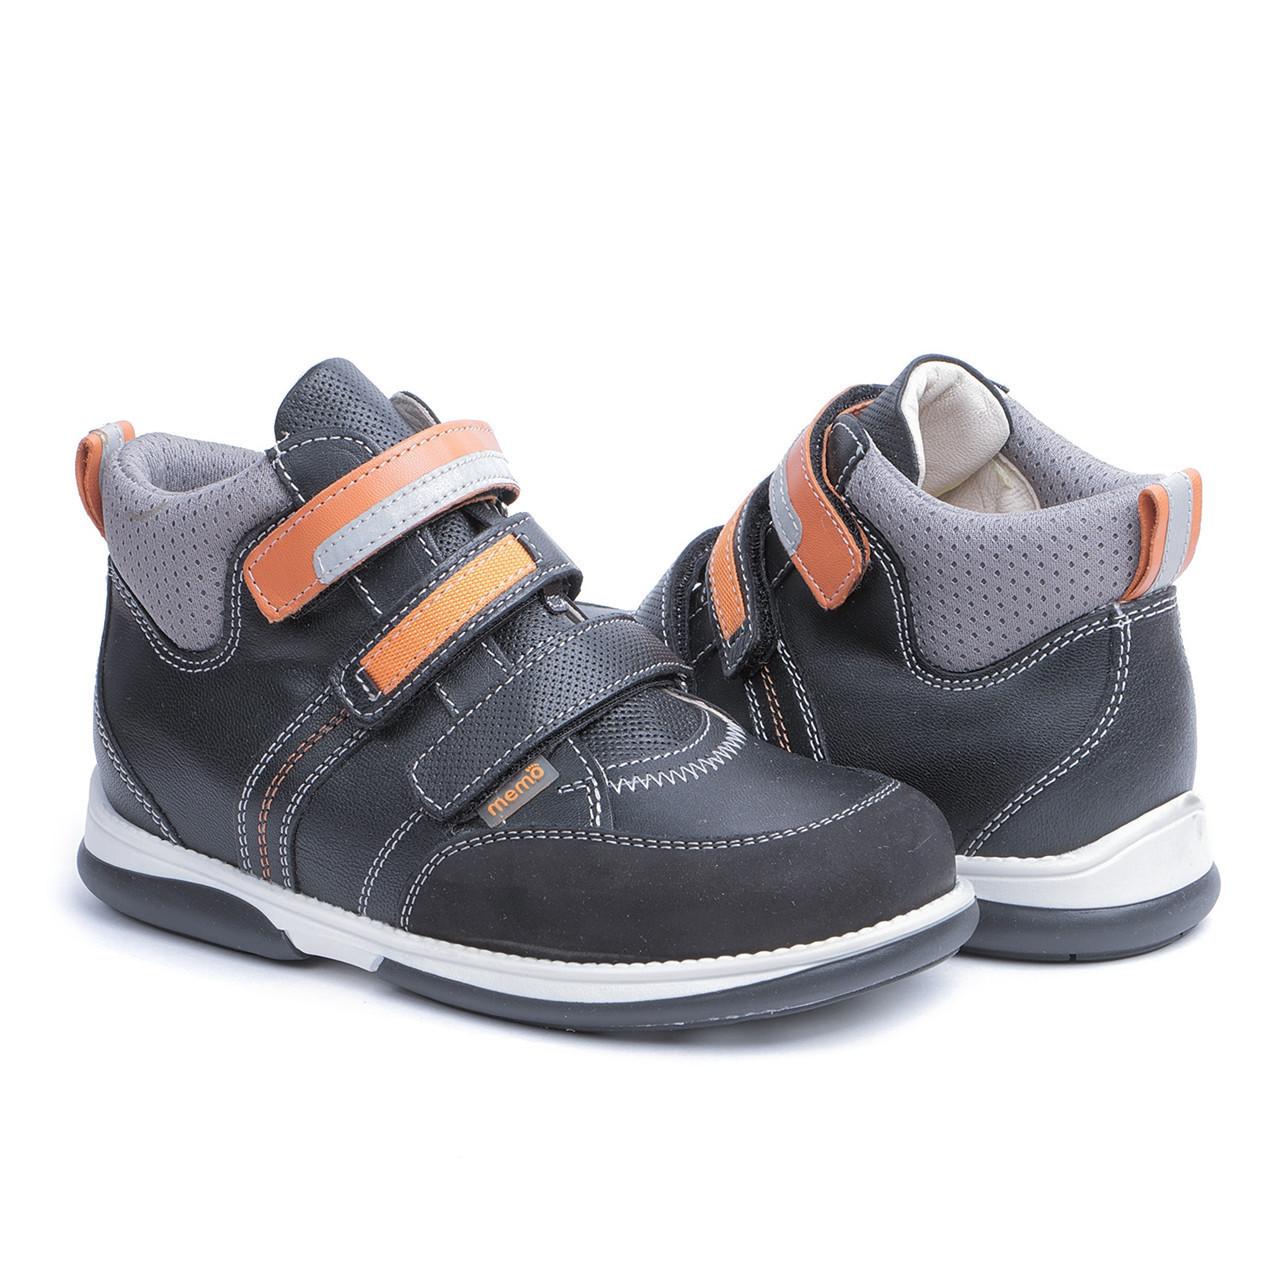 Memo Polo Черно-оранжевые - Детские ортопедические кроссовки 36